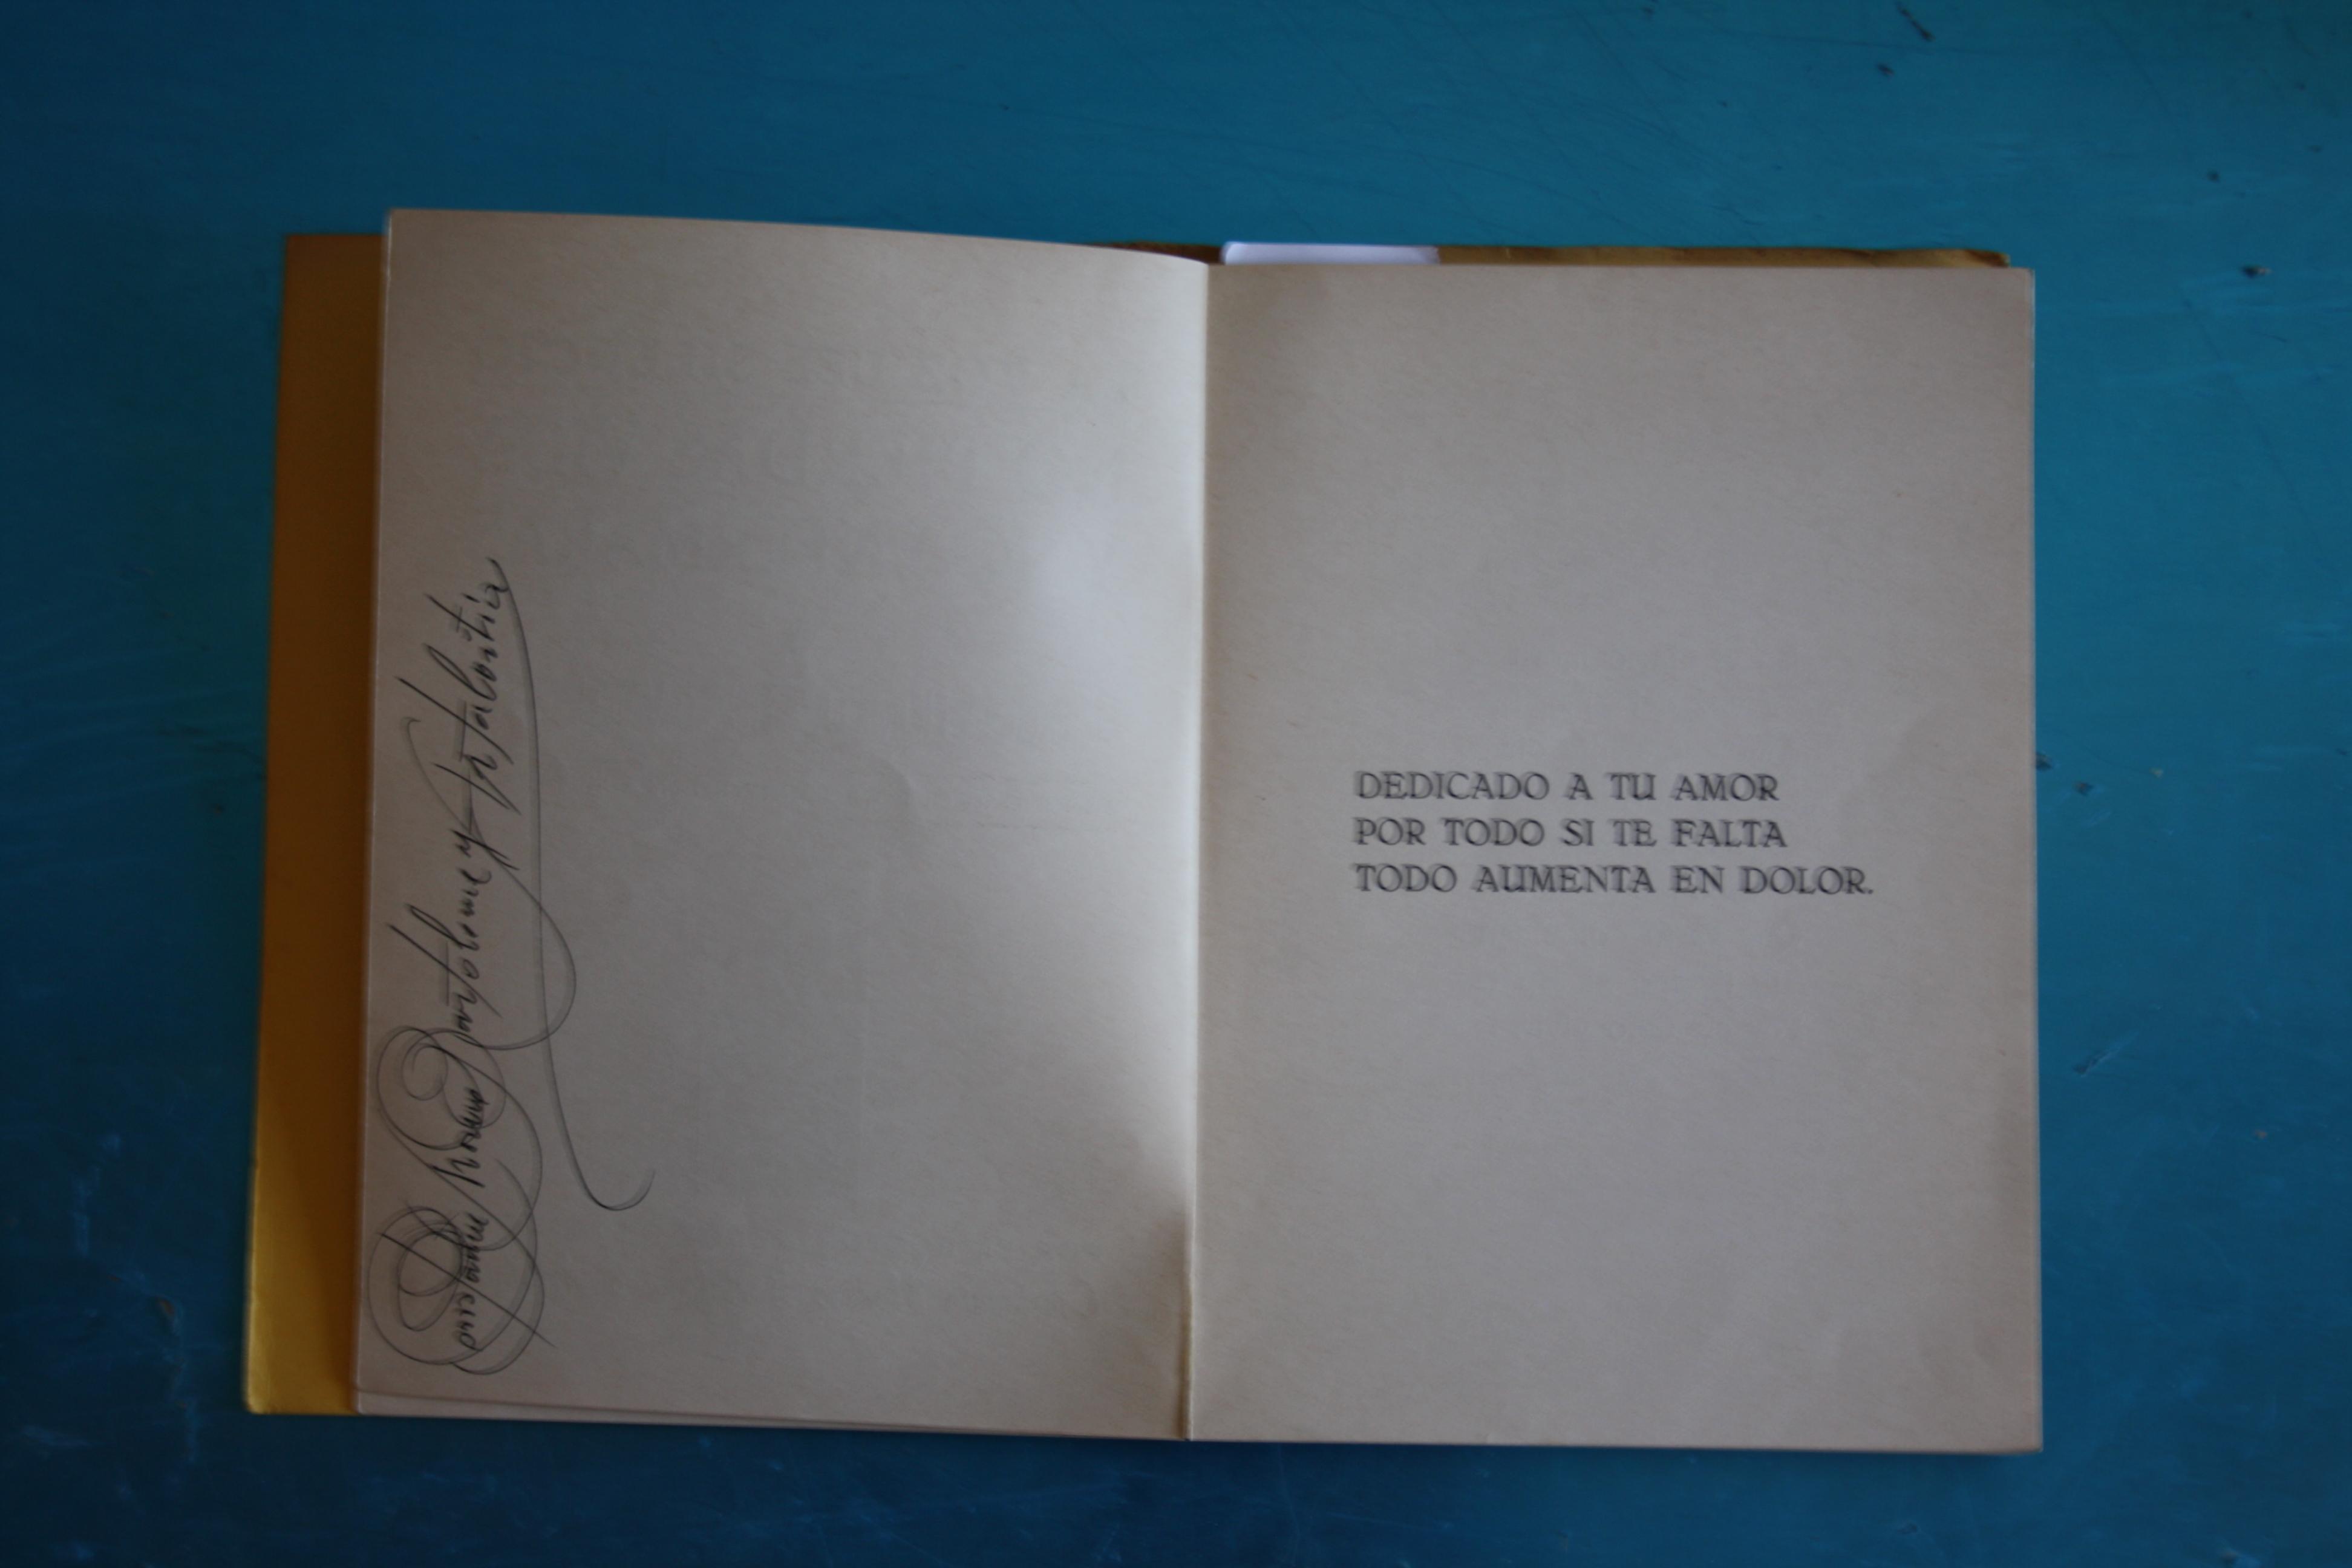 Libro de homeopatía firmado por don Constancio